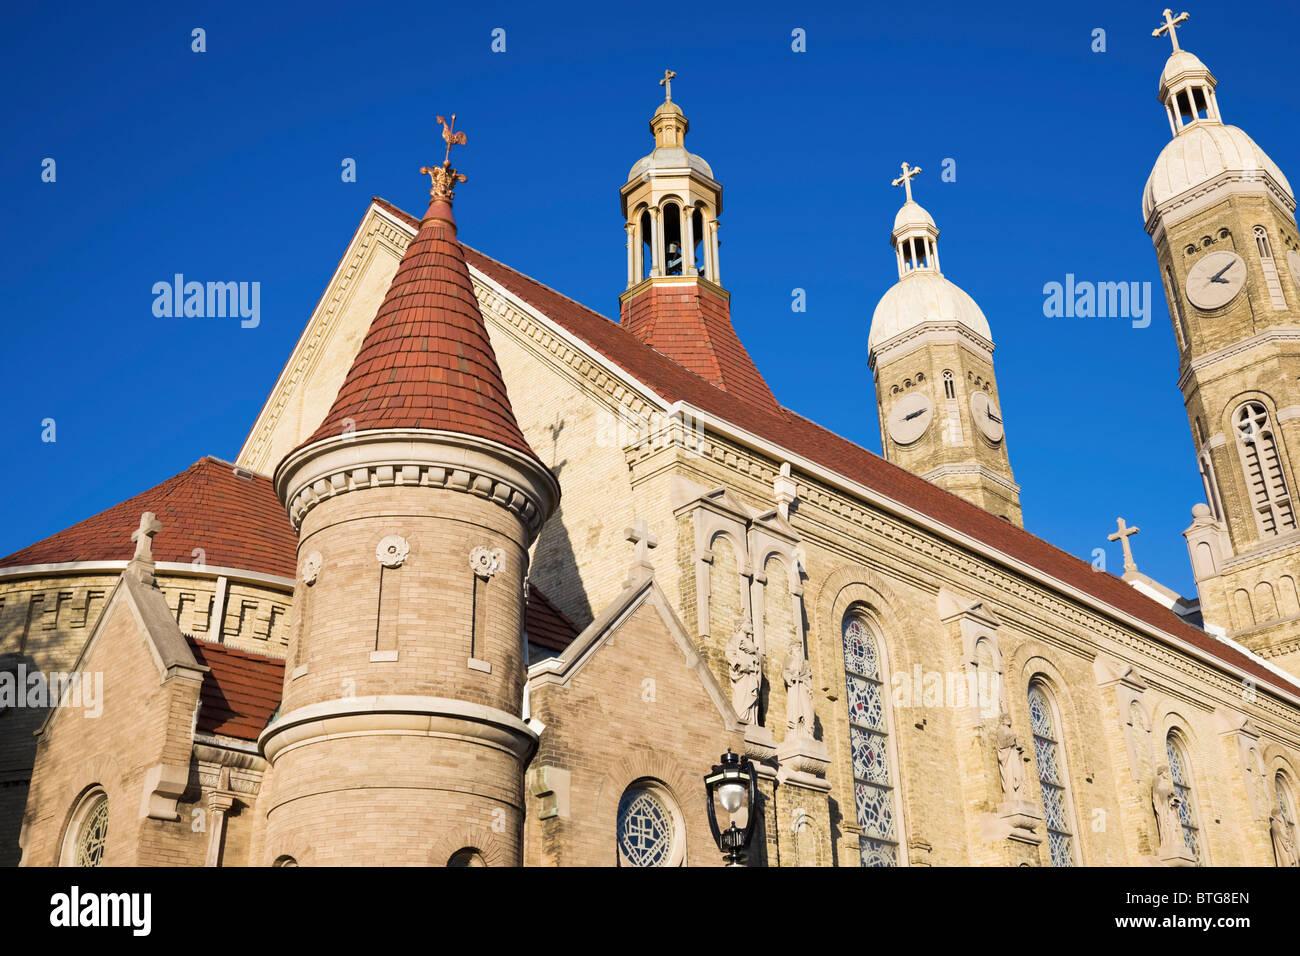 St Stanislaus Catholic Church in Milwaukee - Stock Image